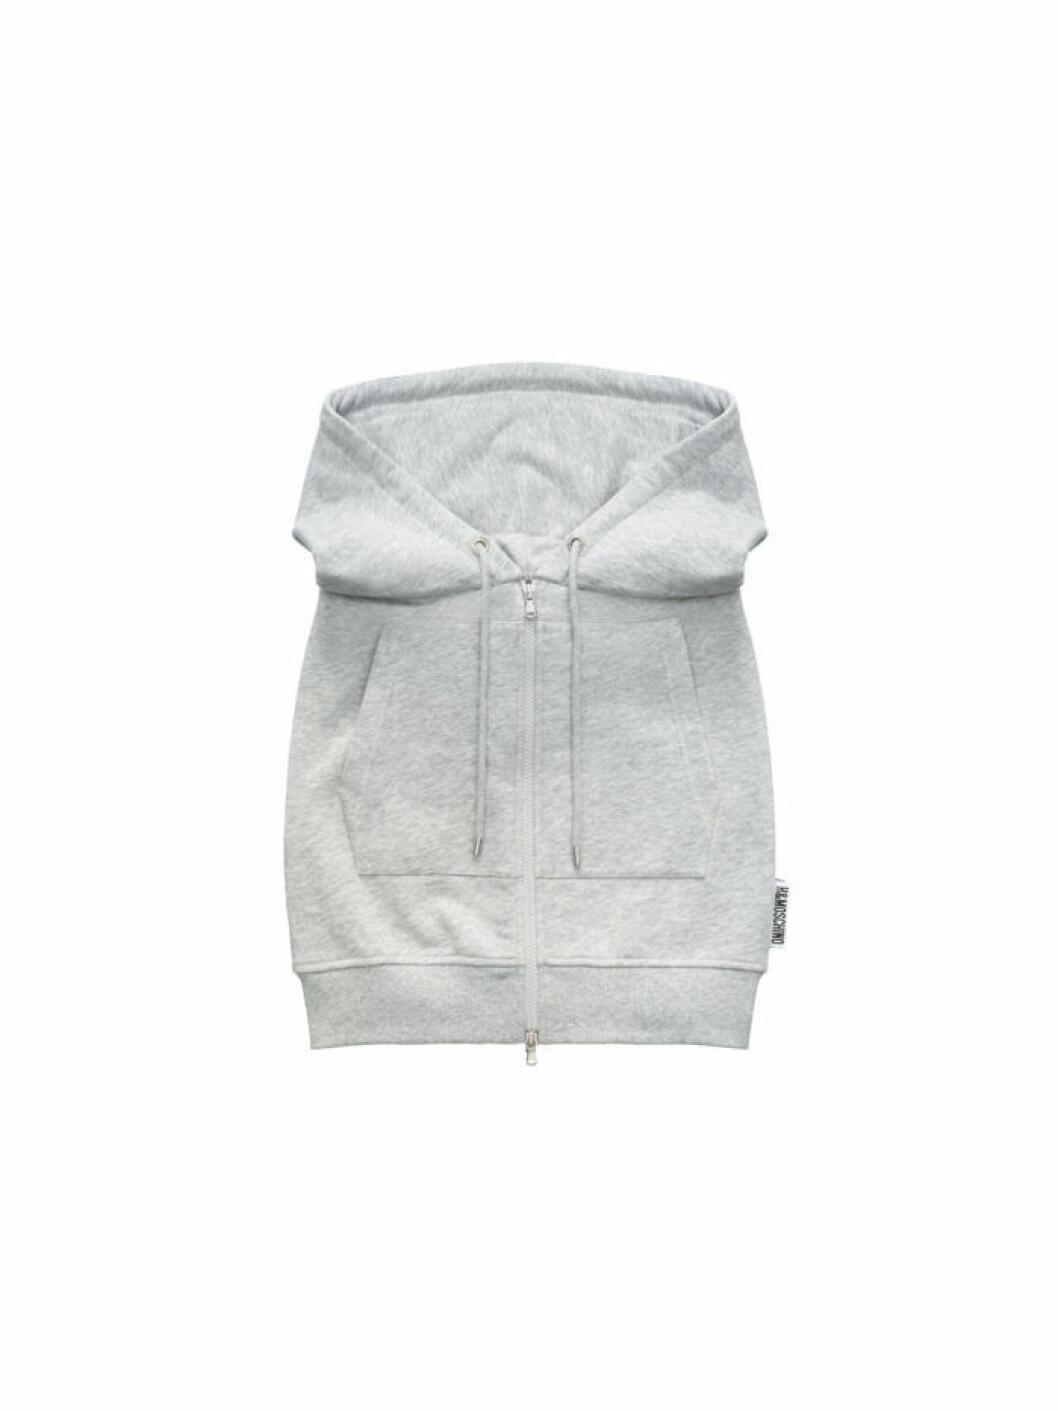 Kjol i jerseytyg ur Moschinos kollektion för H&M